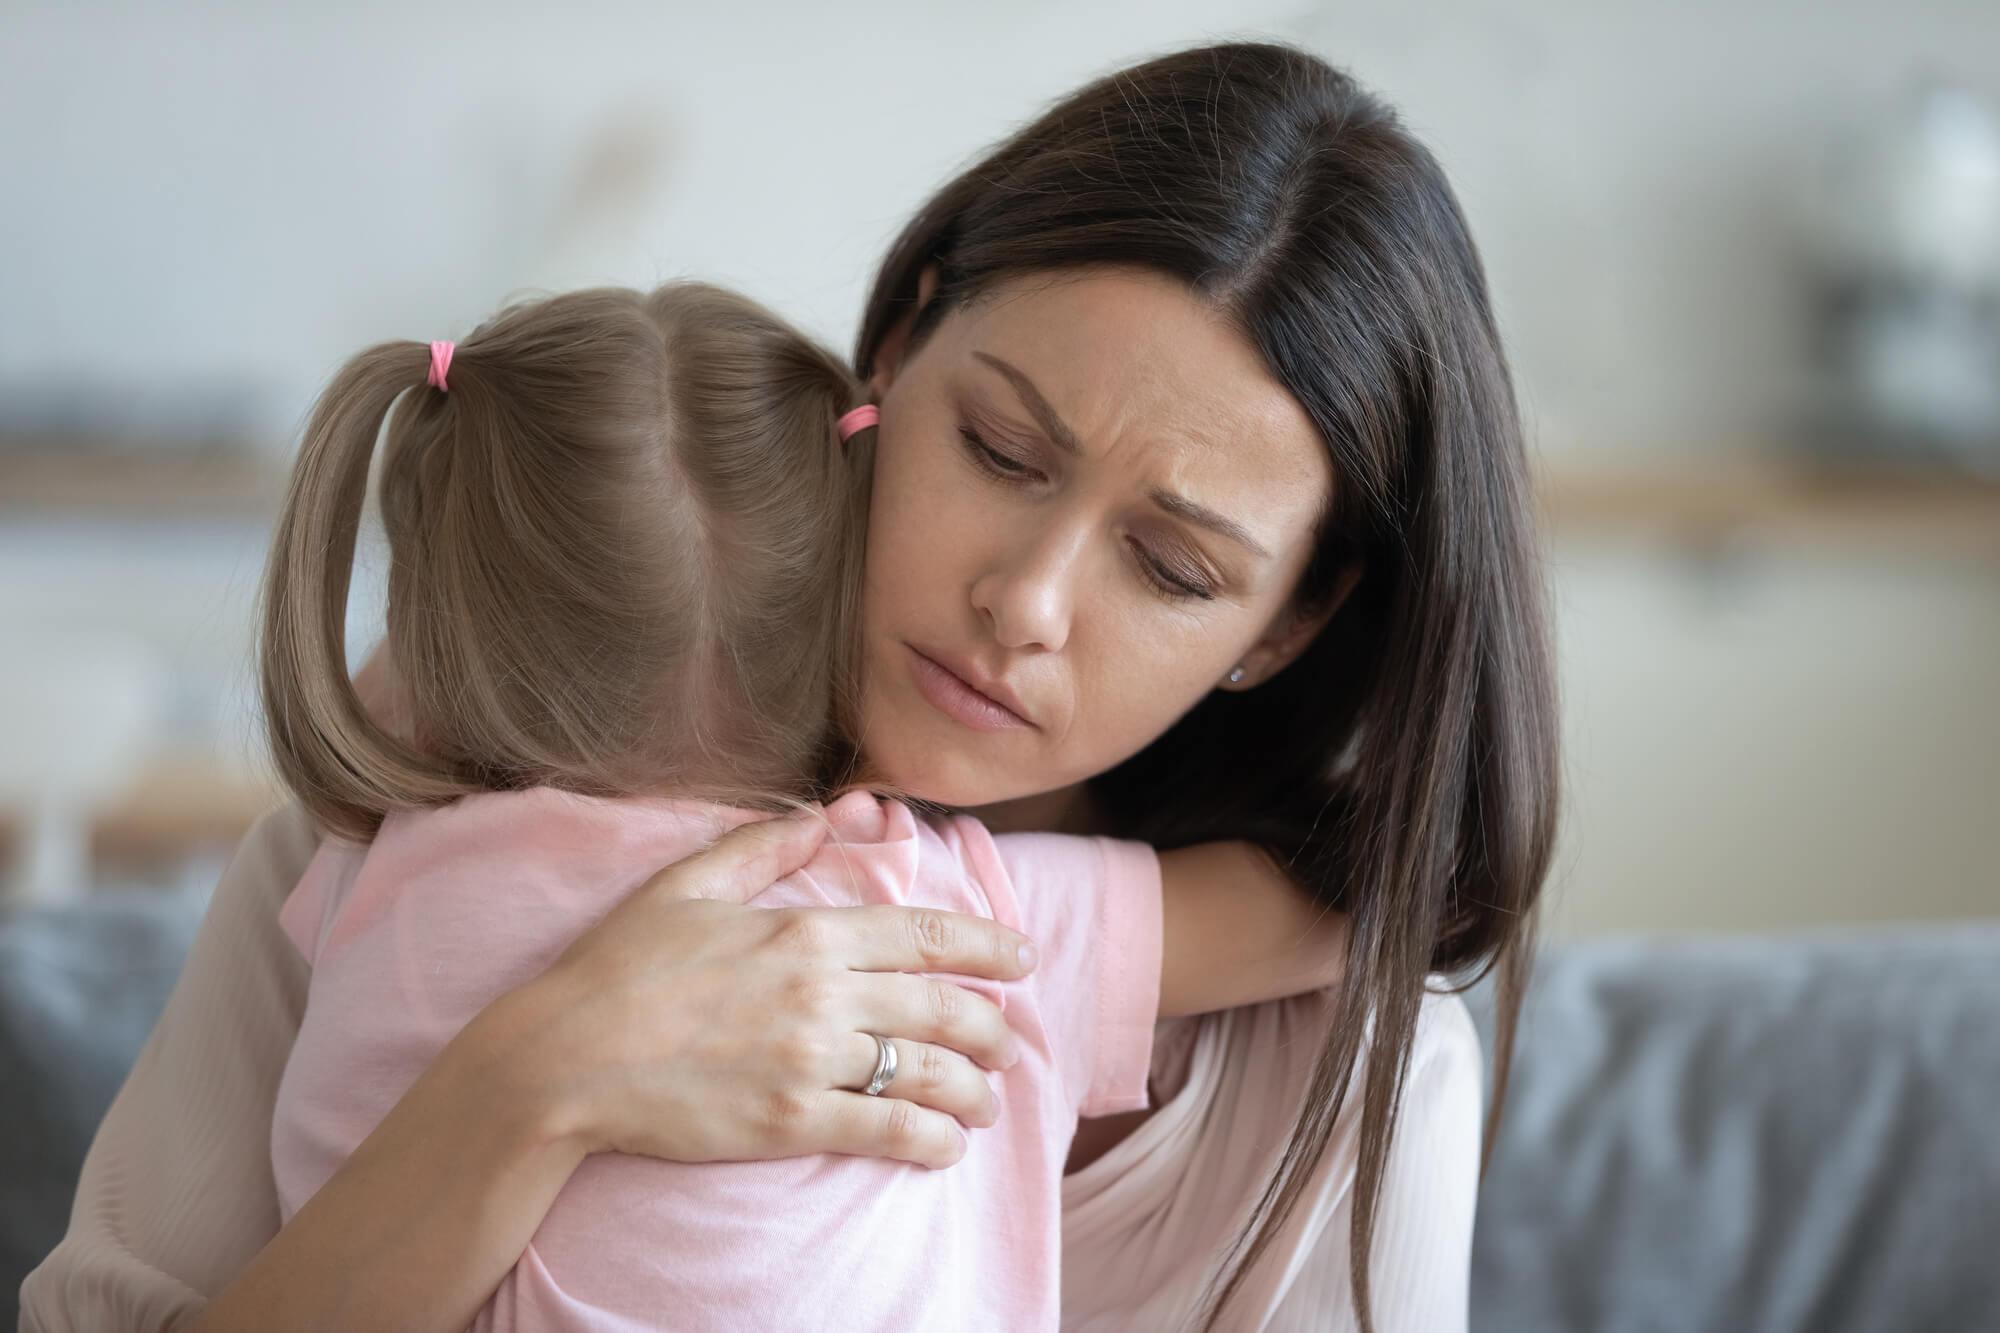 Du bist genug. Friedvolles Elternsein heißt nicht, dass alles immer nur leicht und friedlich ist.